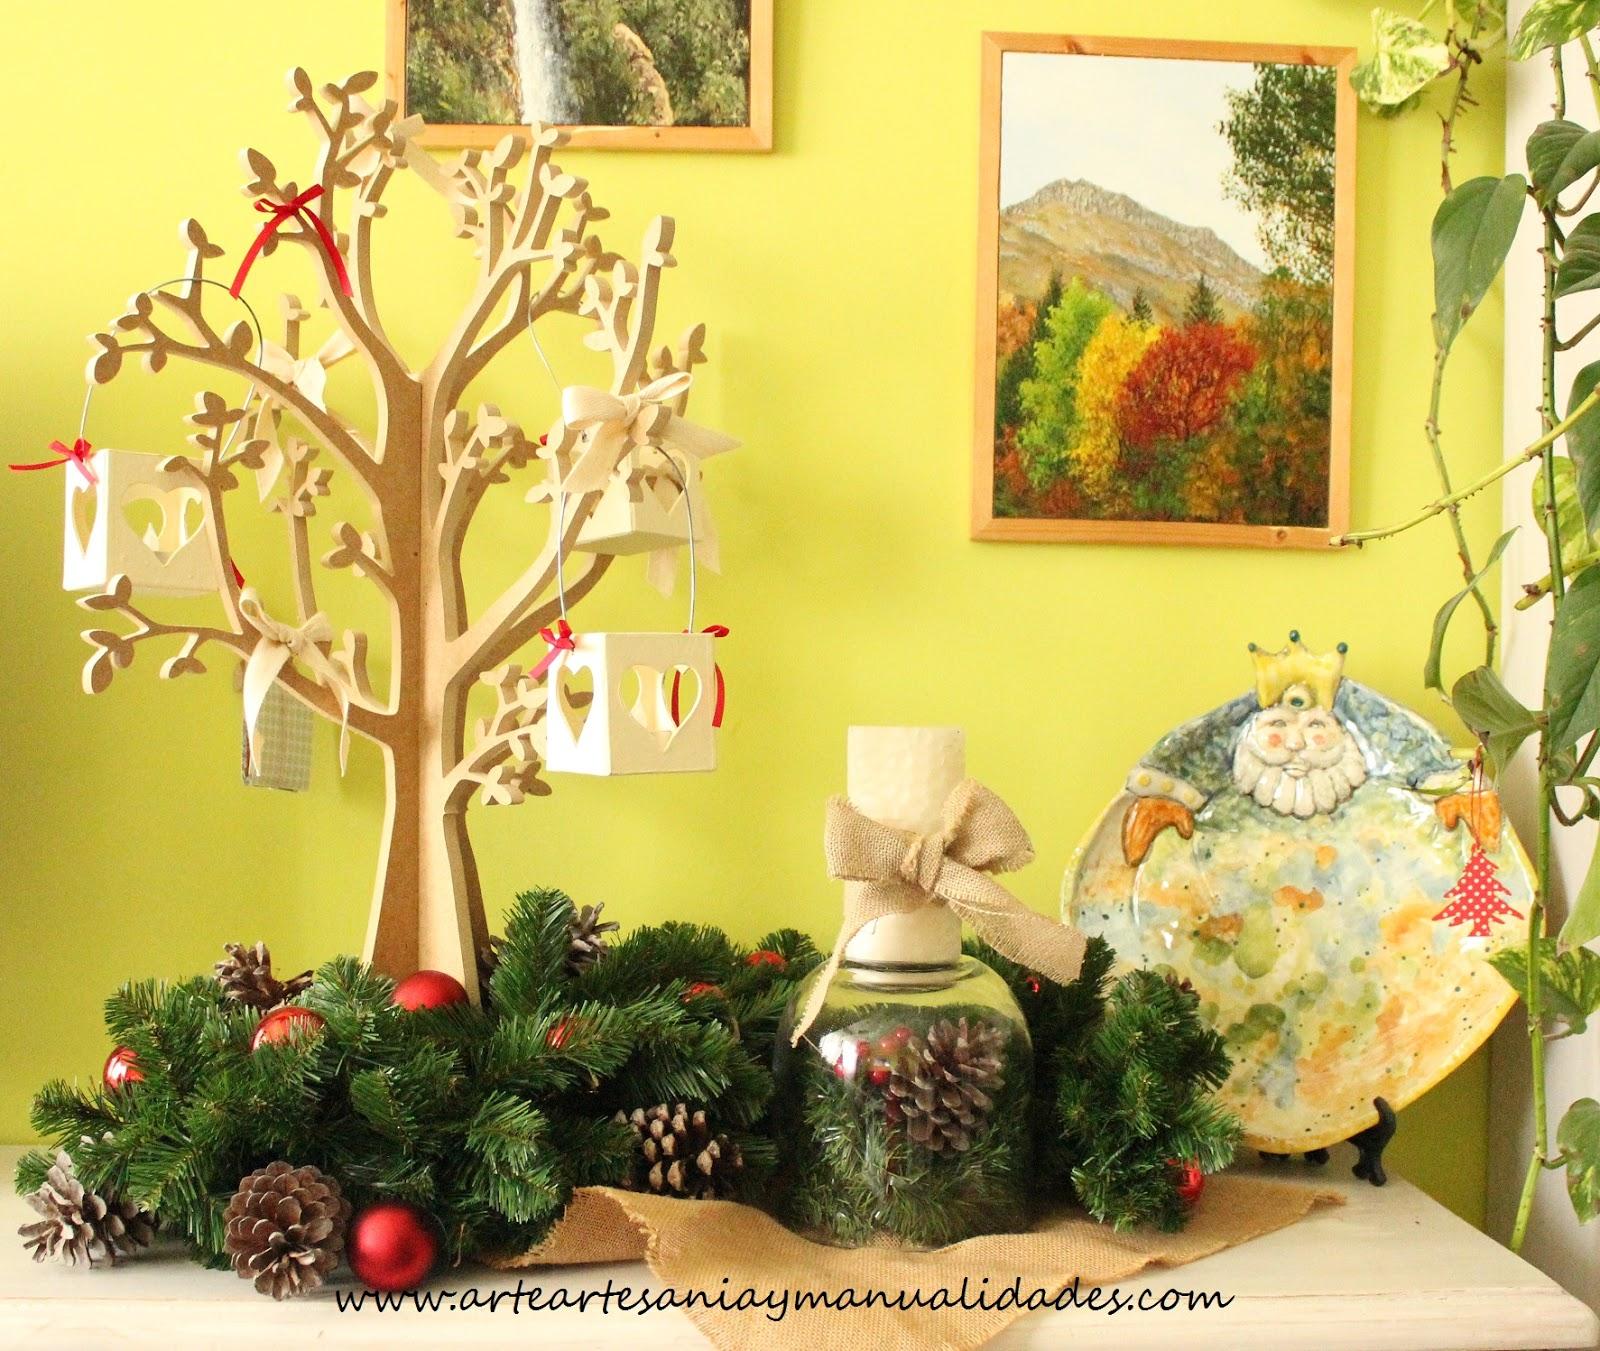 Arte artesania y manualidades decoraci n de navidad - Rustika decoracion ...